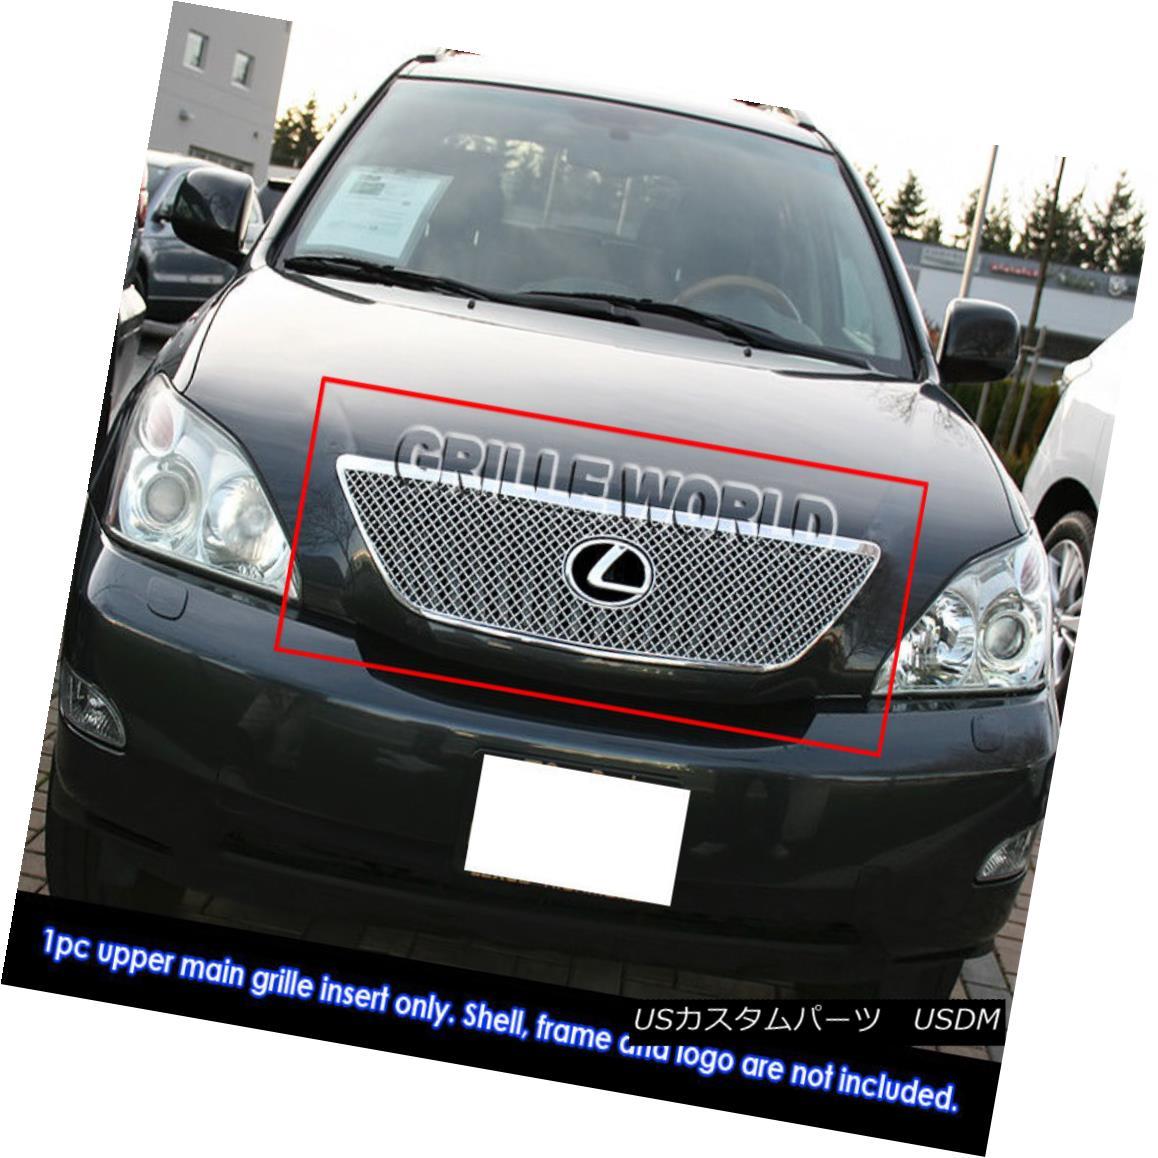 グリル Fits 2004-2007 Lexus RX330 Stainless Steel X-mesh Grille Insert 2004-2007 Lexus RX330ステンレススチールXメッシュグリルインサートに適合